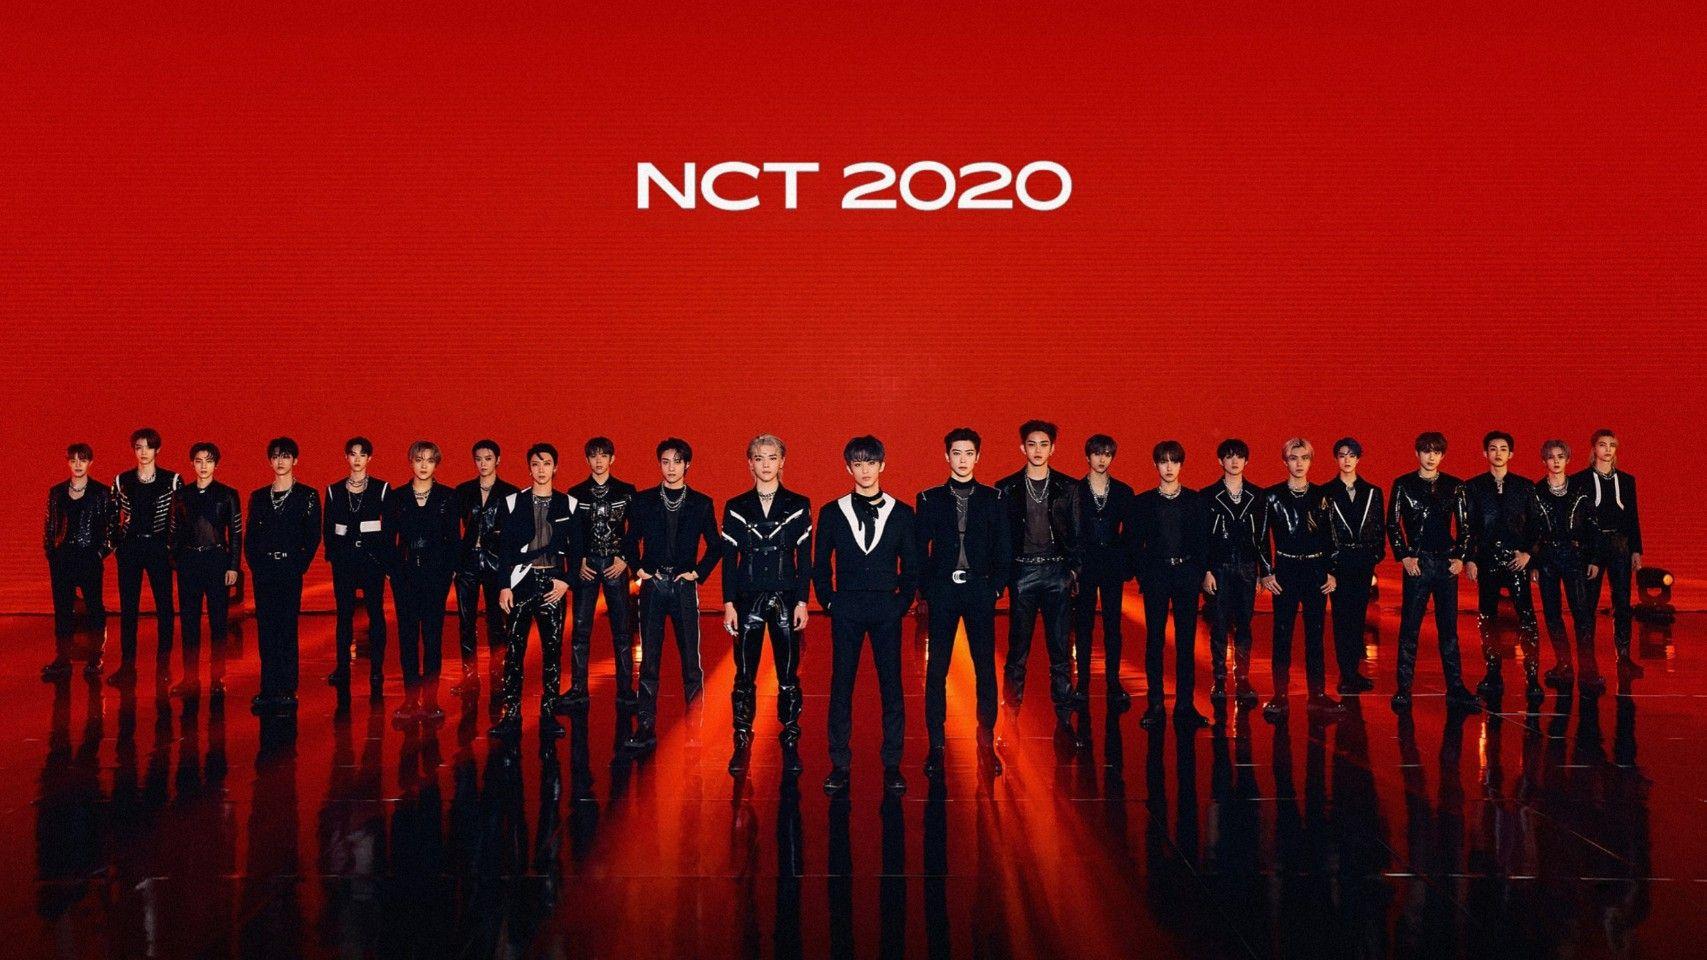 Nct 2020 Resonance Lirik Lagu Wallpaper Ponsel Bayi Lucu